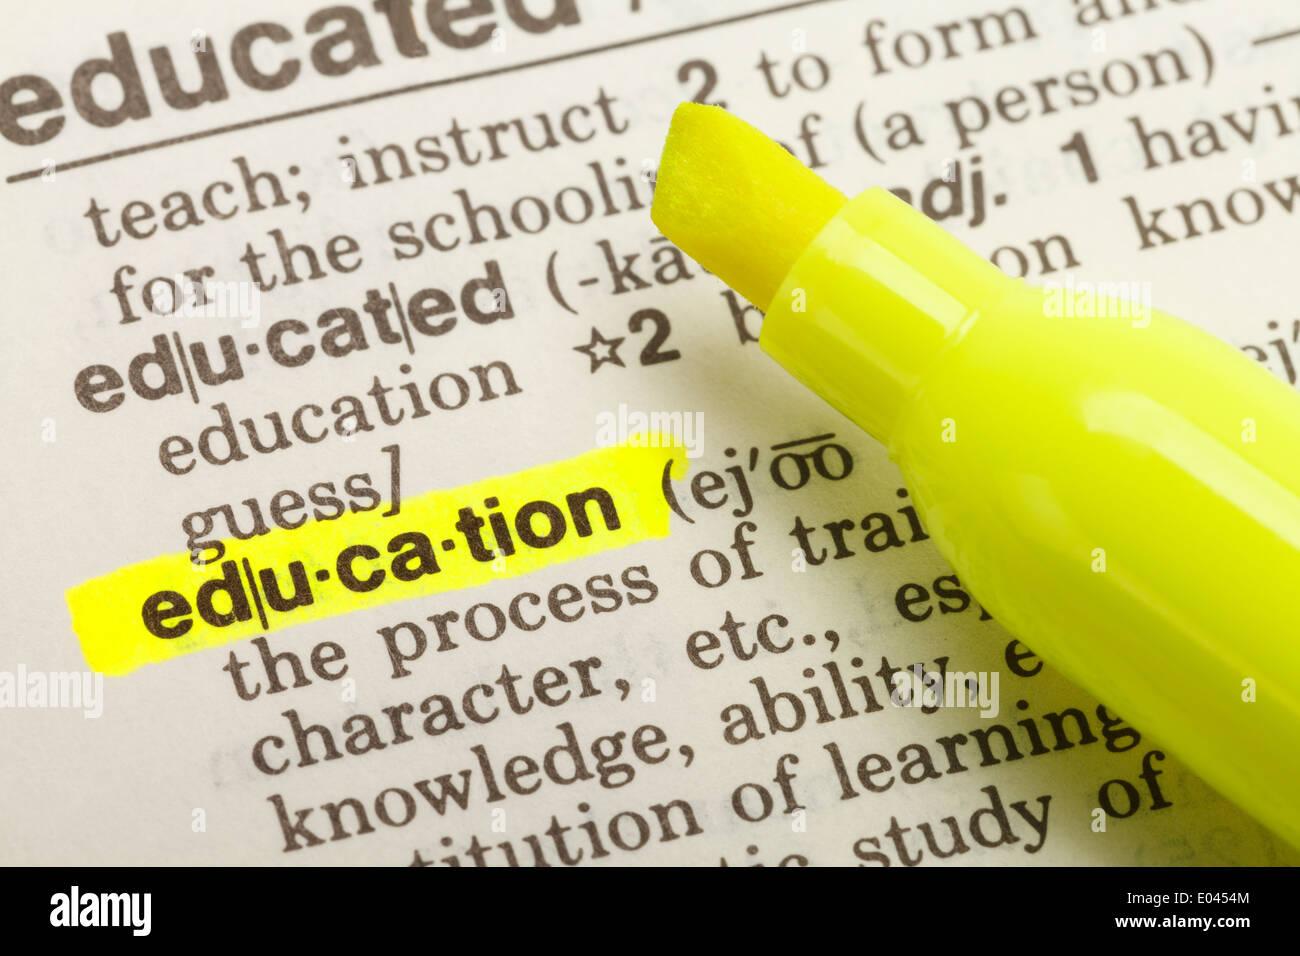 Das Wort Bildung im Wörterbuch mit gelben Marker Textmarker hervorgehoben. Stockbild